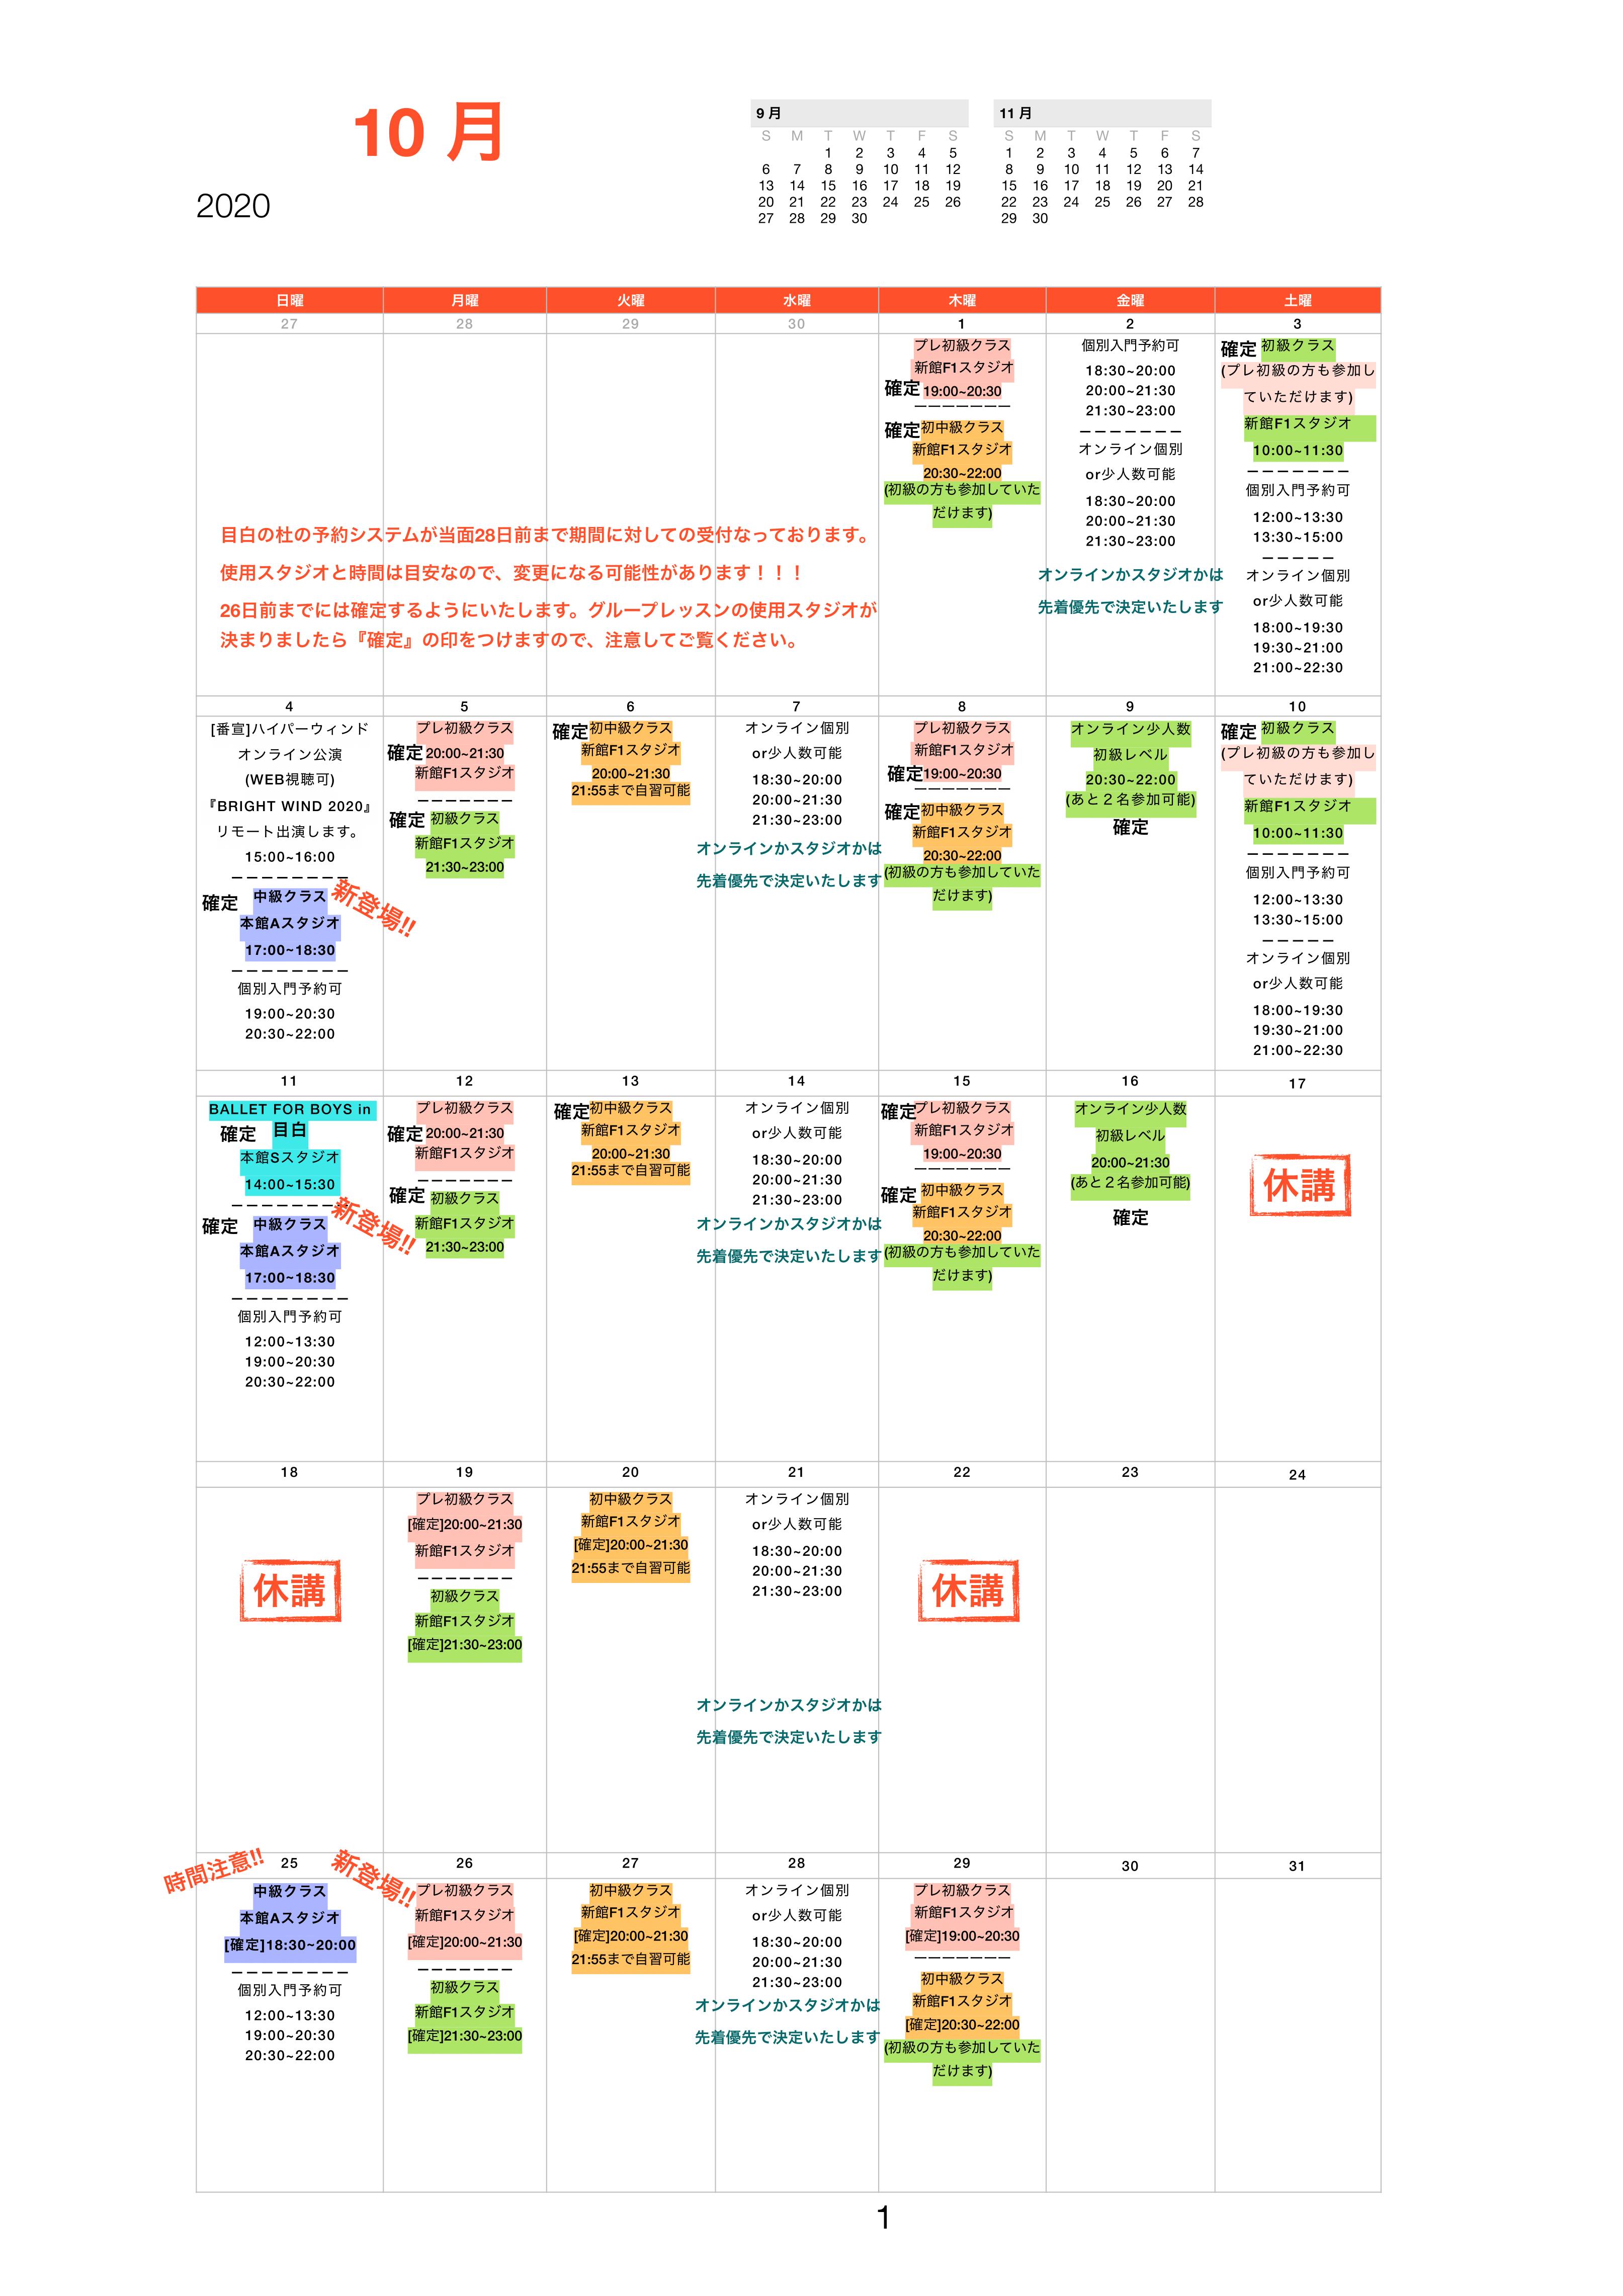 BFMsch2020:10v10-1